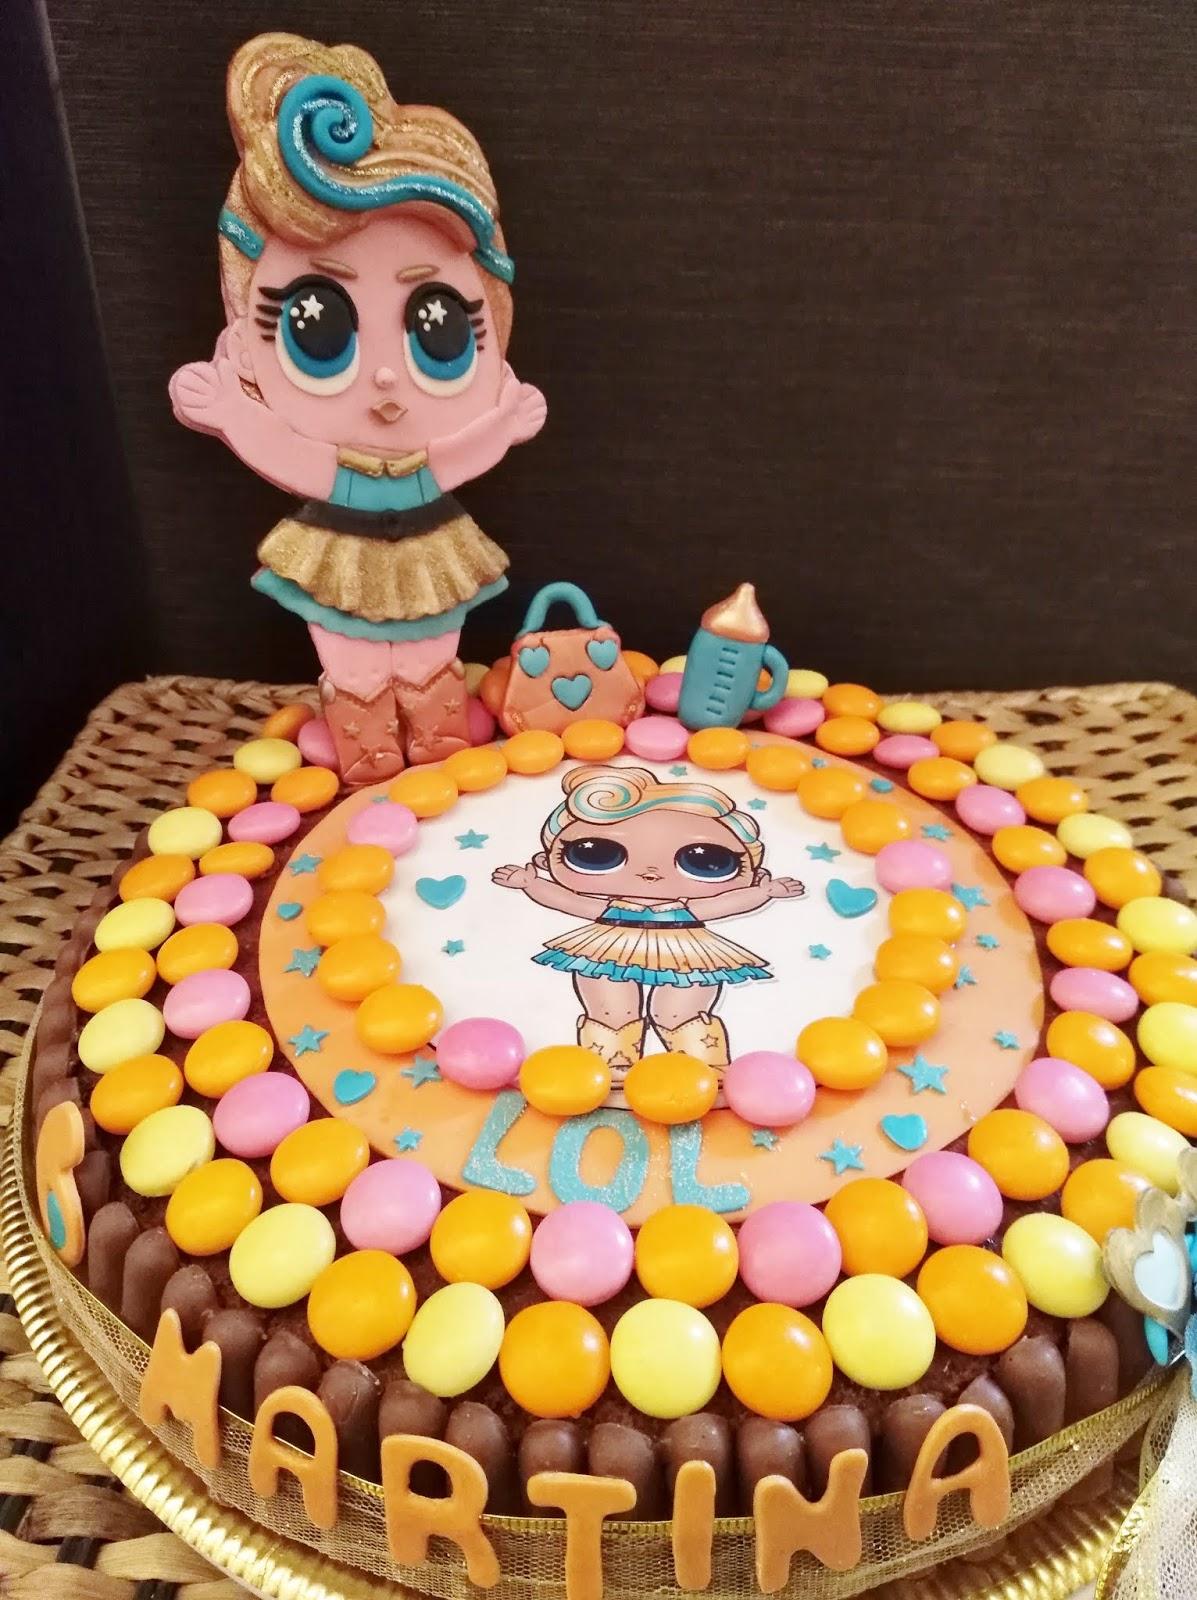 Le Lol Surprise con i loro occhioni hanno conquistato tutte le bambine e,  ovviamente, nel mondo del cake design, colorano le torte con i loro vivaci  colori